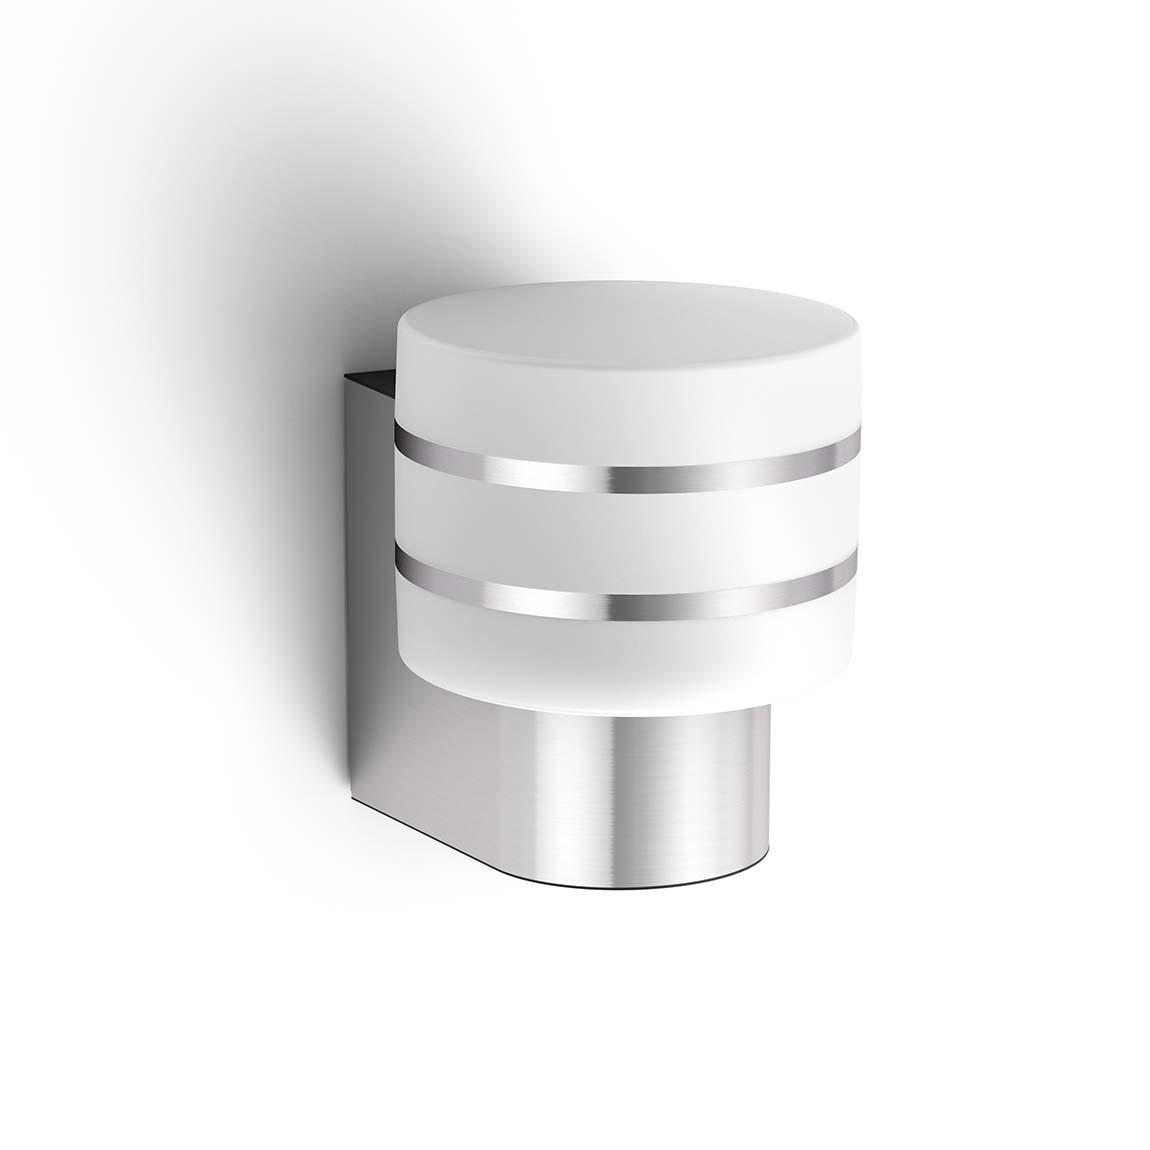 Philips Hue LED Wandleuchte Tuar - Weiß